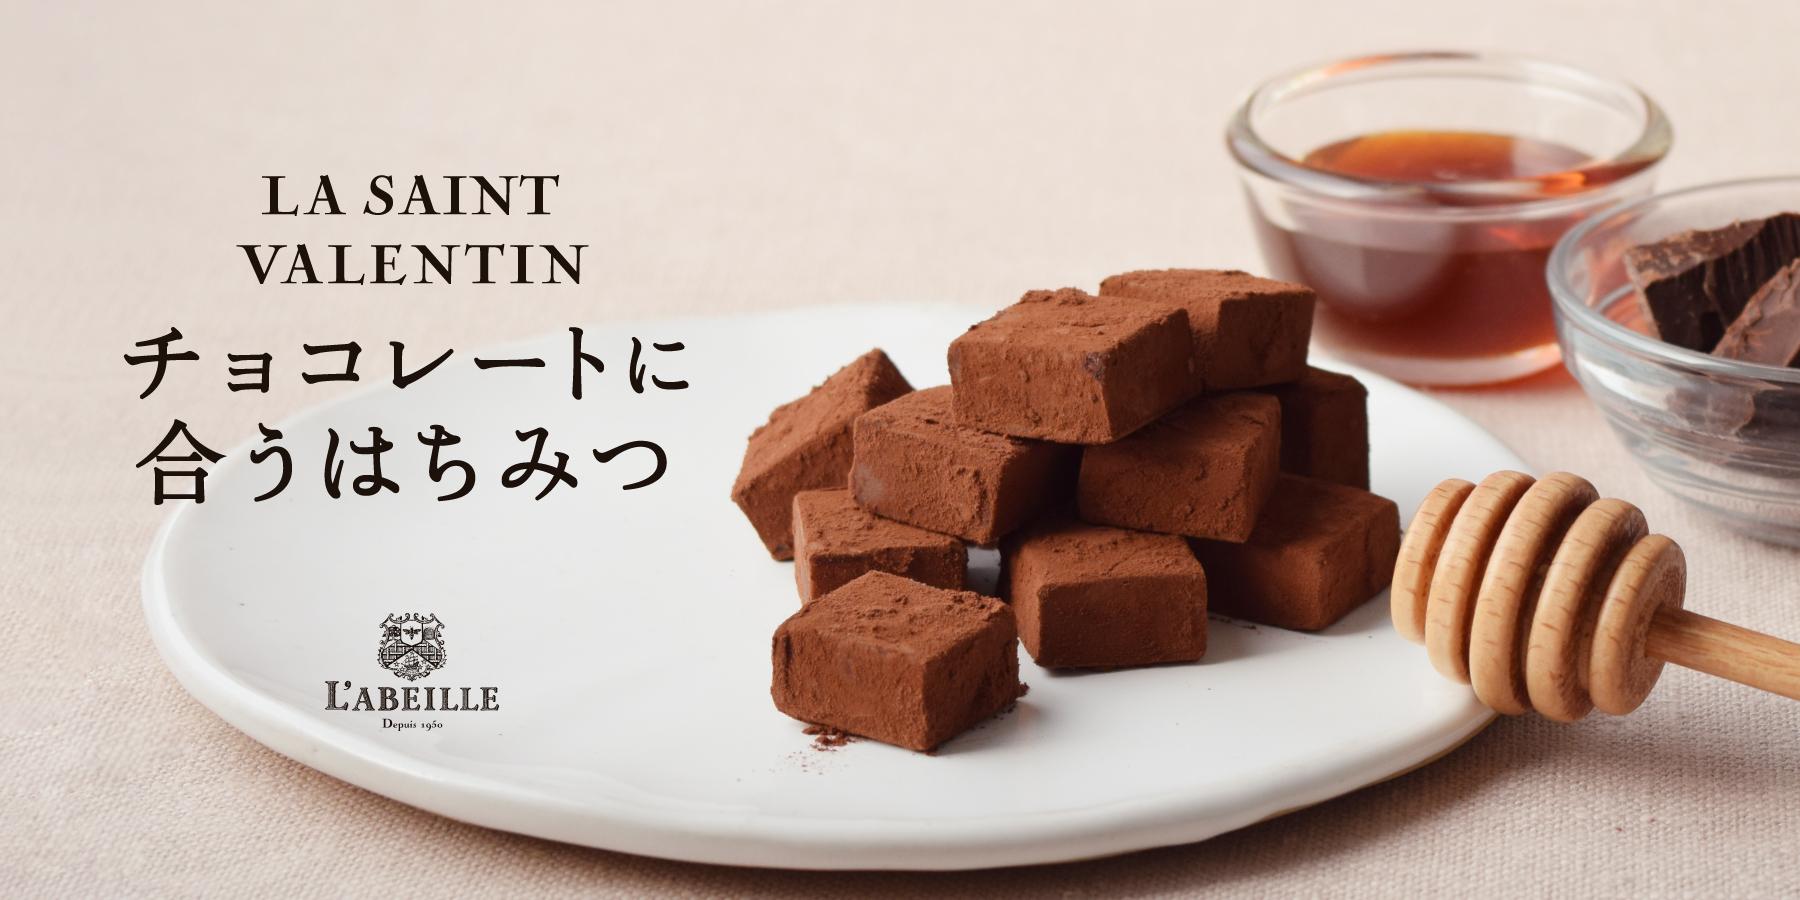 チョコレートに合うはちみつ